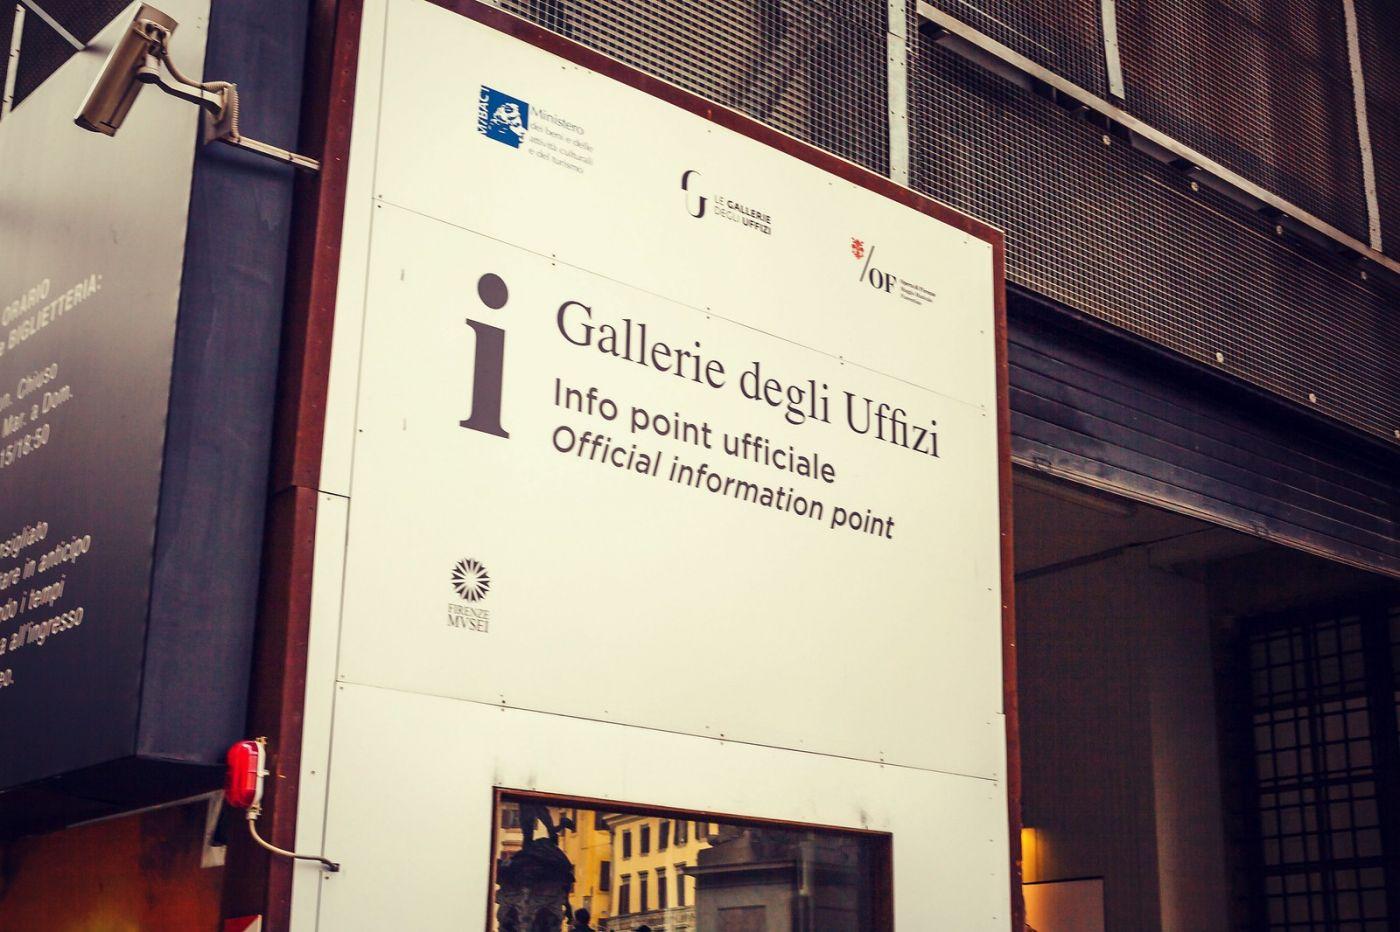 意大利佛罗伦斯乌菲兹美术馆, 进去看一看_图1-20